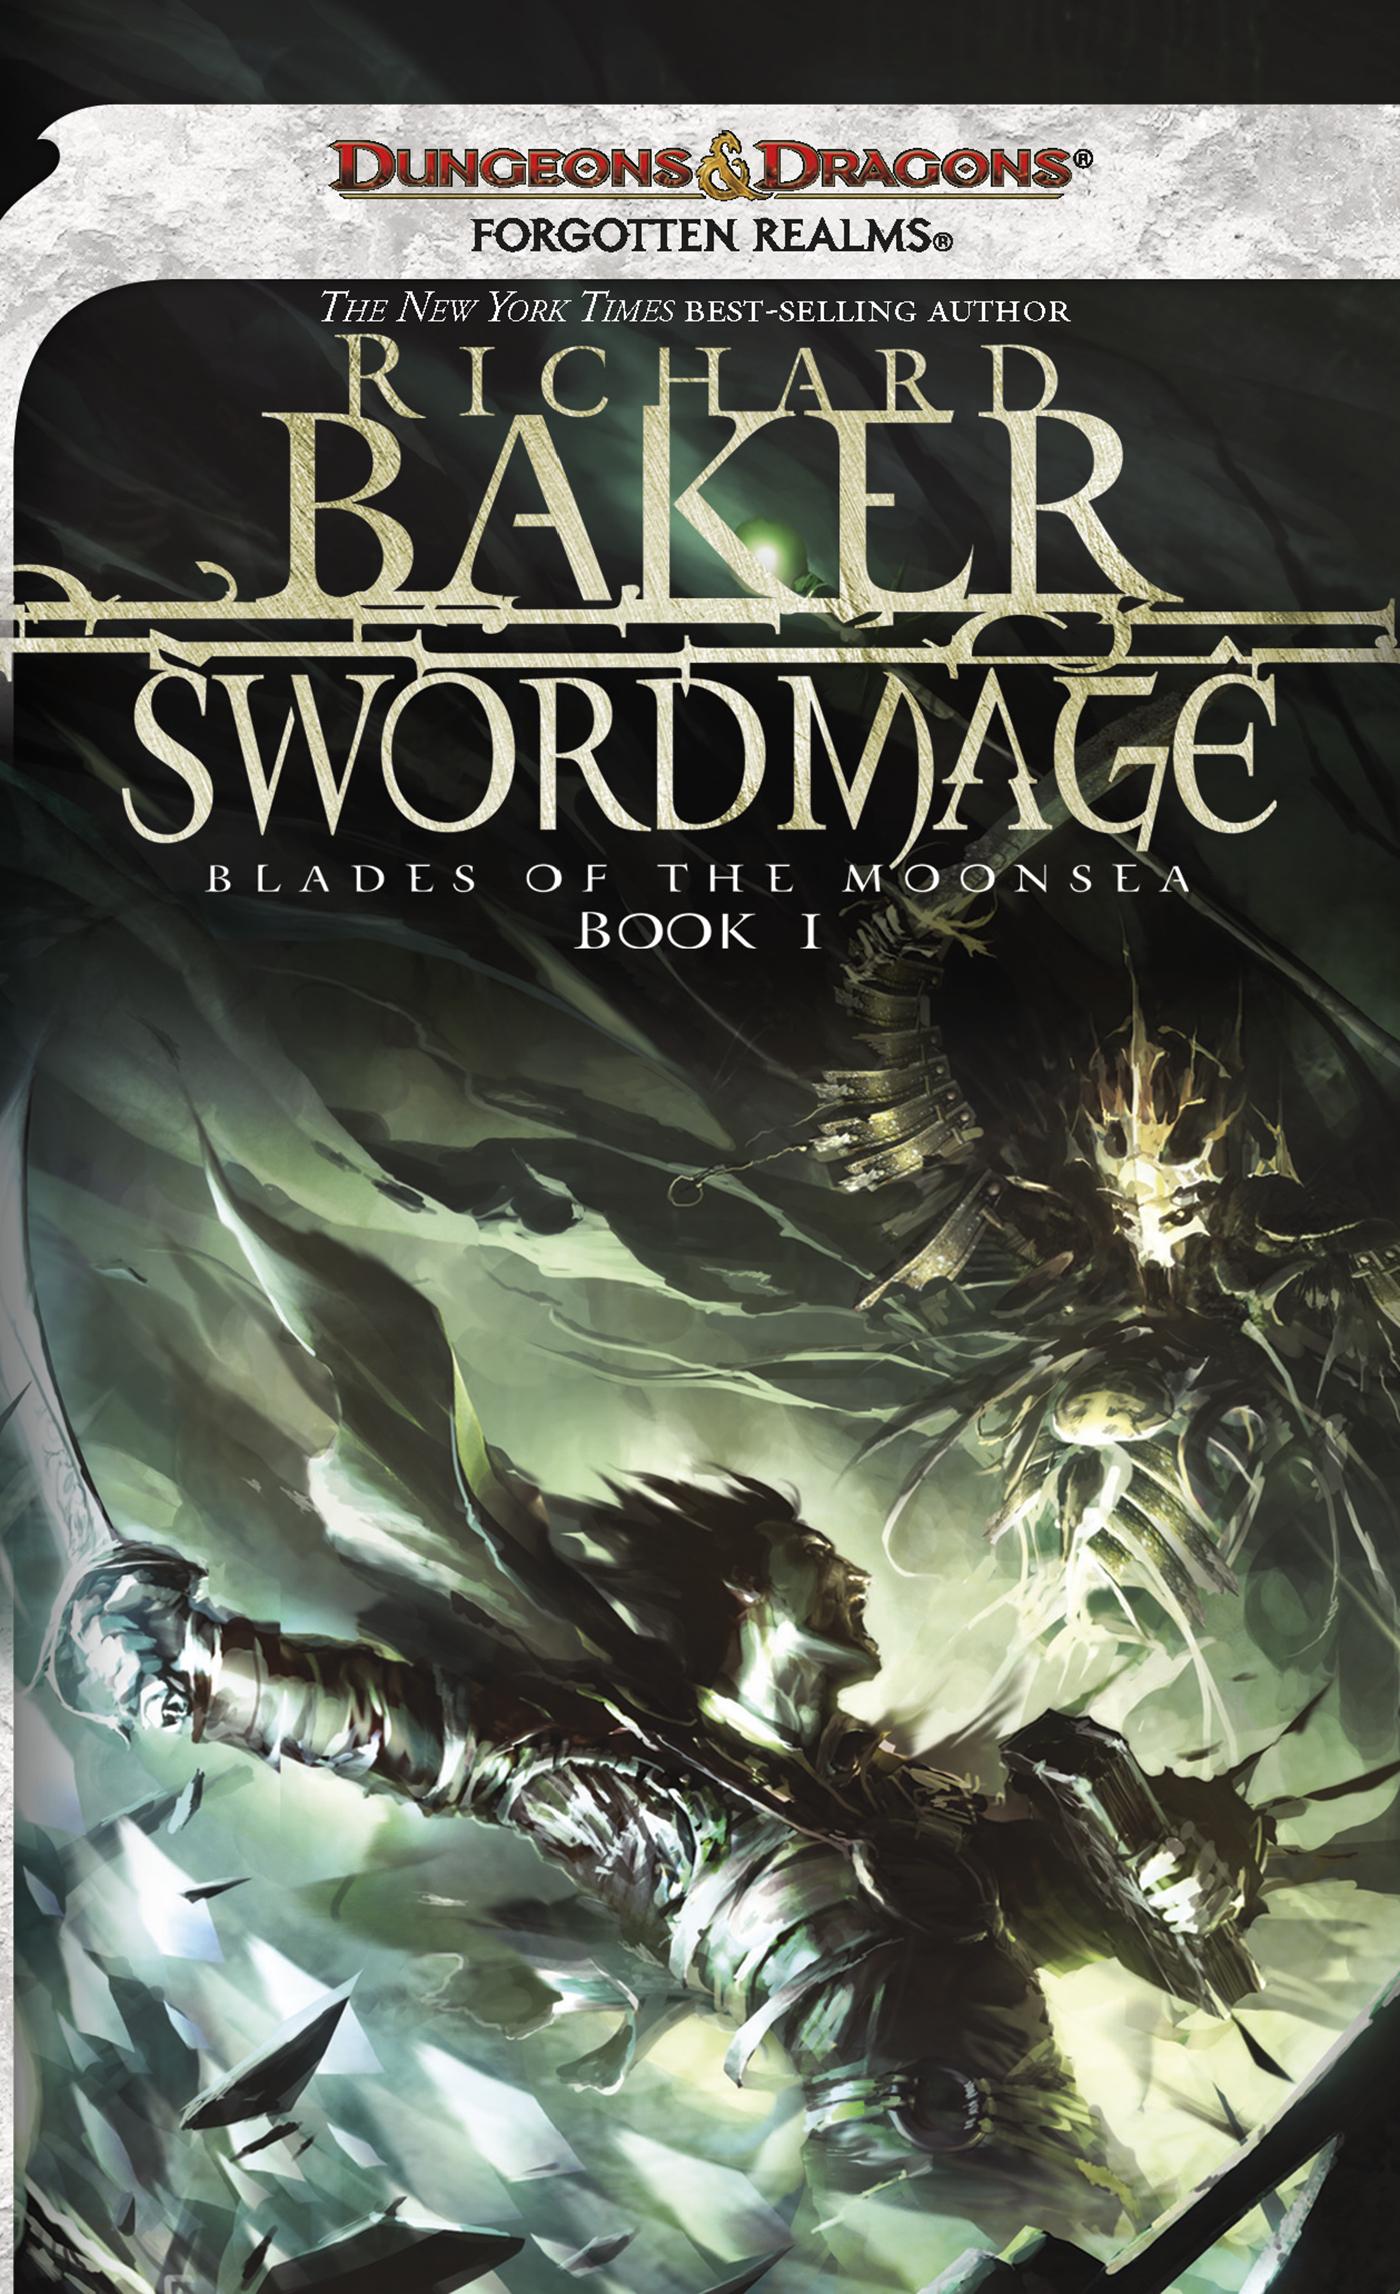 Swordmage (novel)